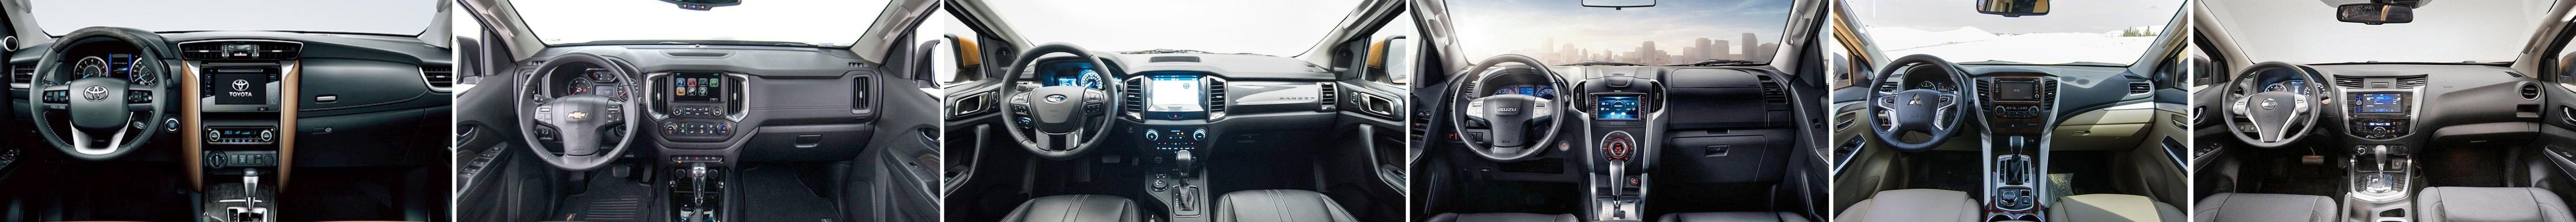 Phân khúc SUV tháng 7/2019: Cuộc chơi của riêng Toyota Fortuner? - 1